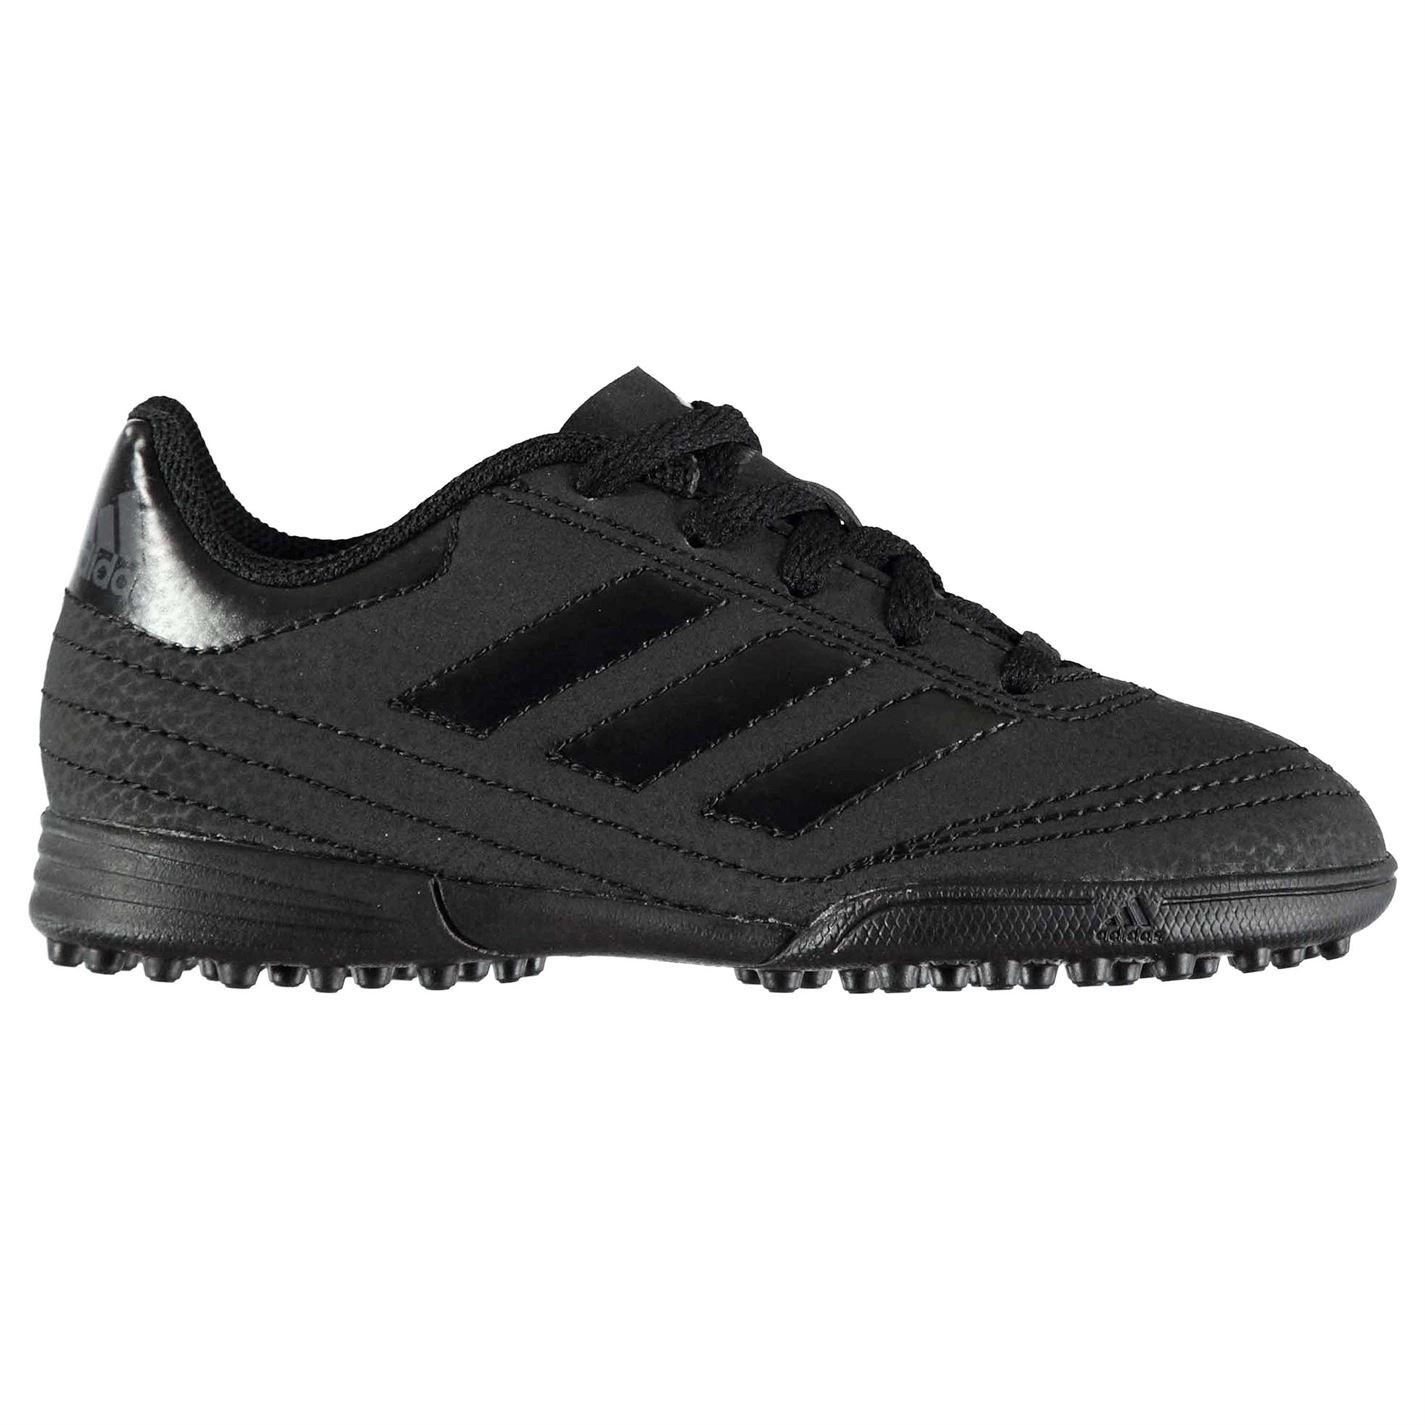 kopačky adidas F10 TRX FG Childrens